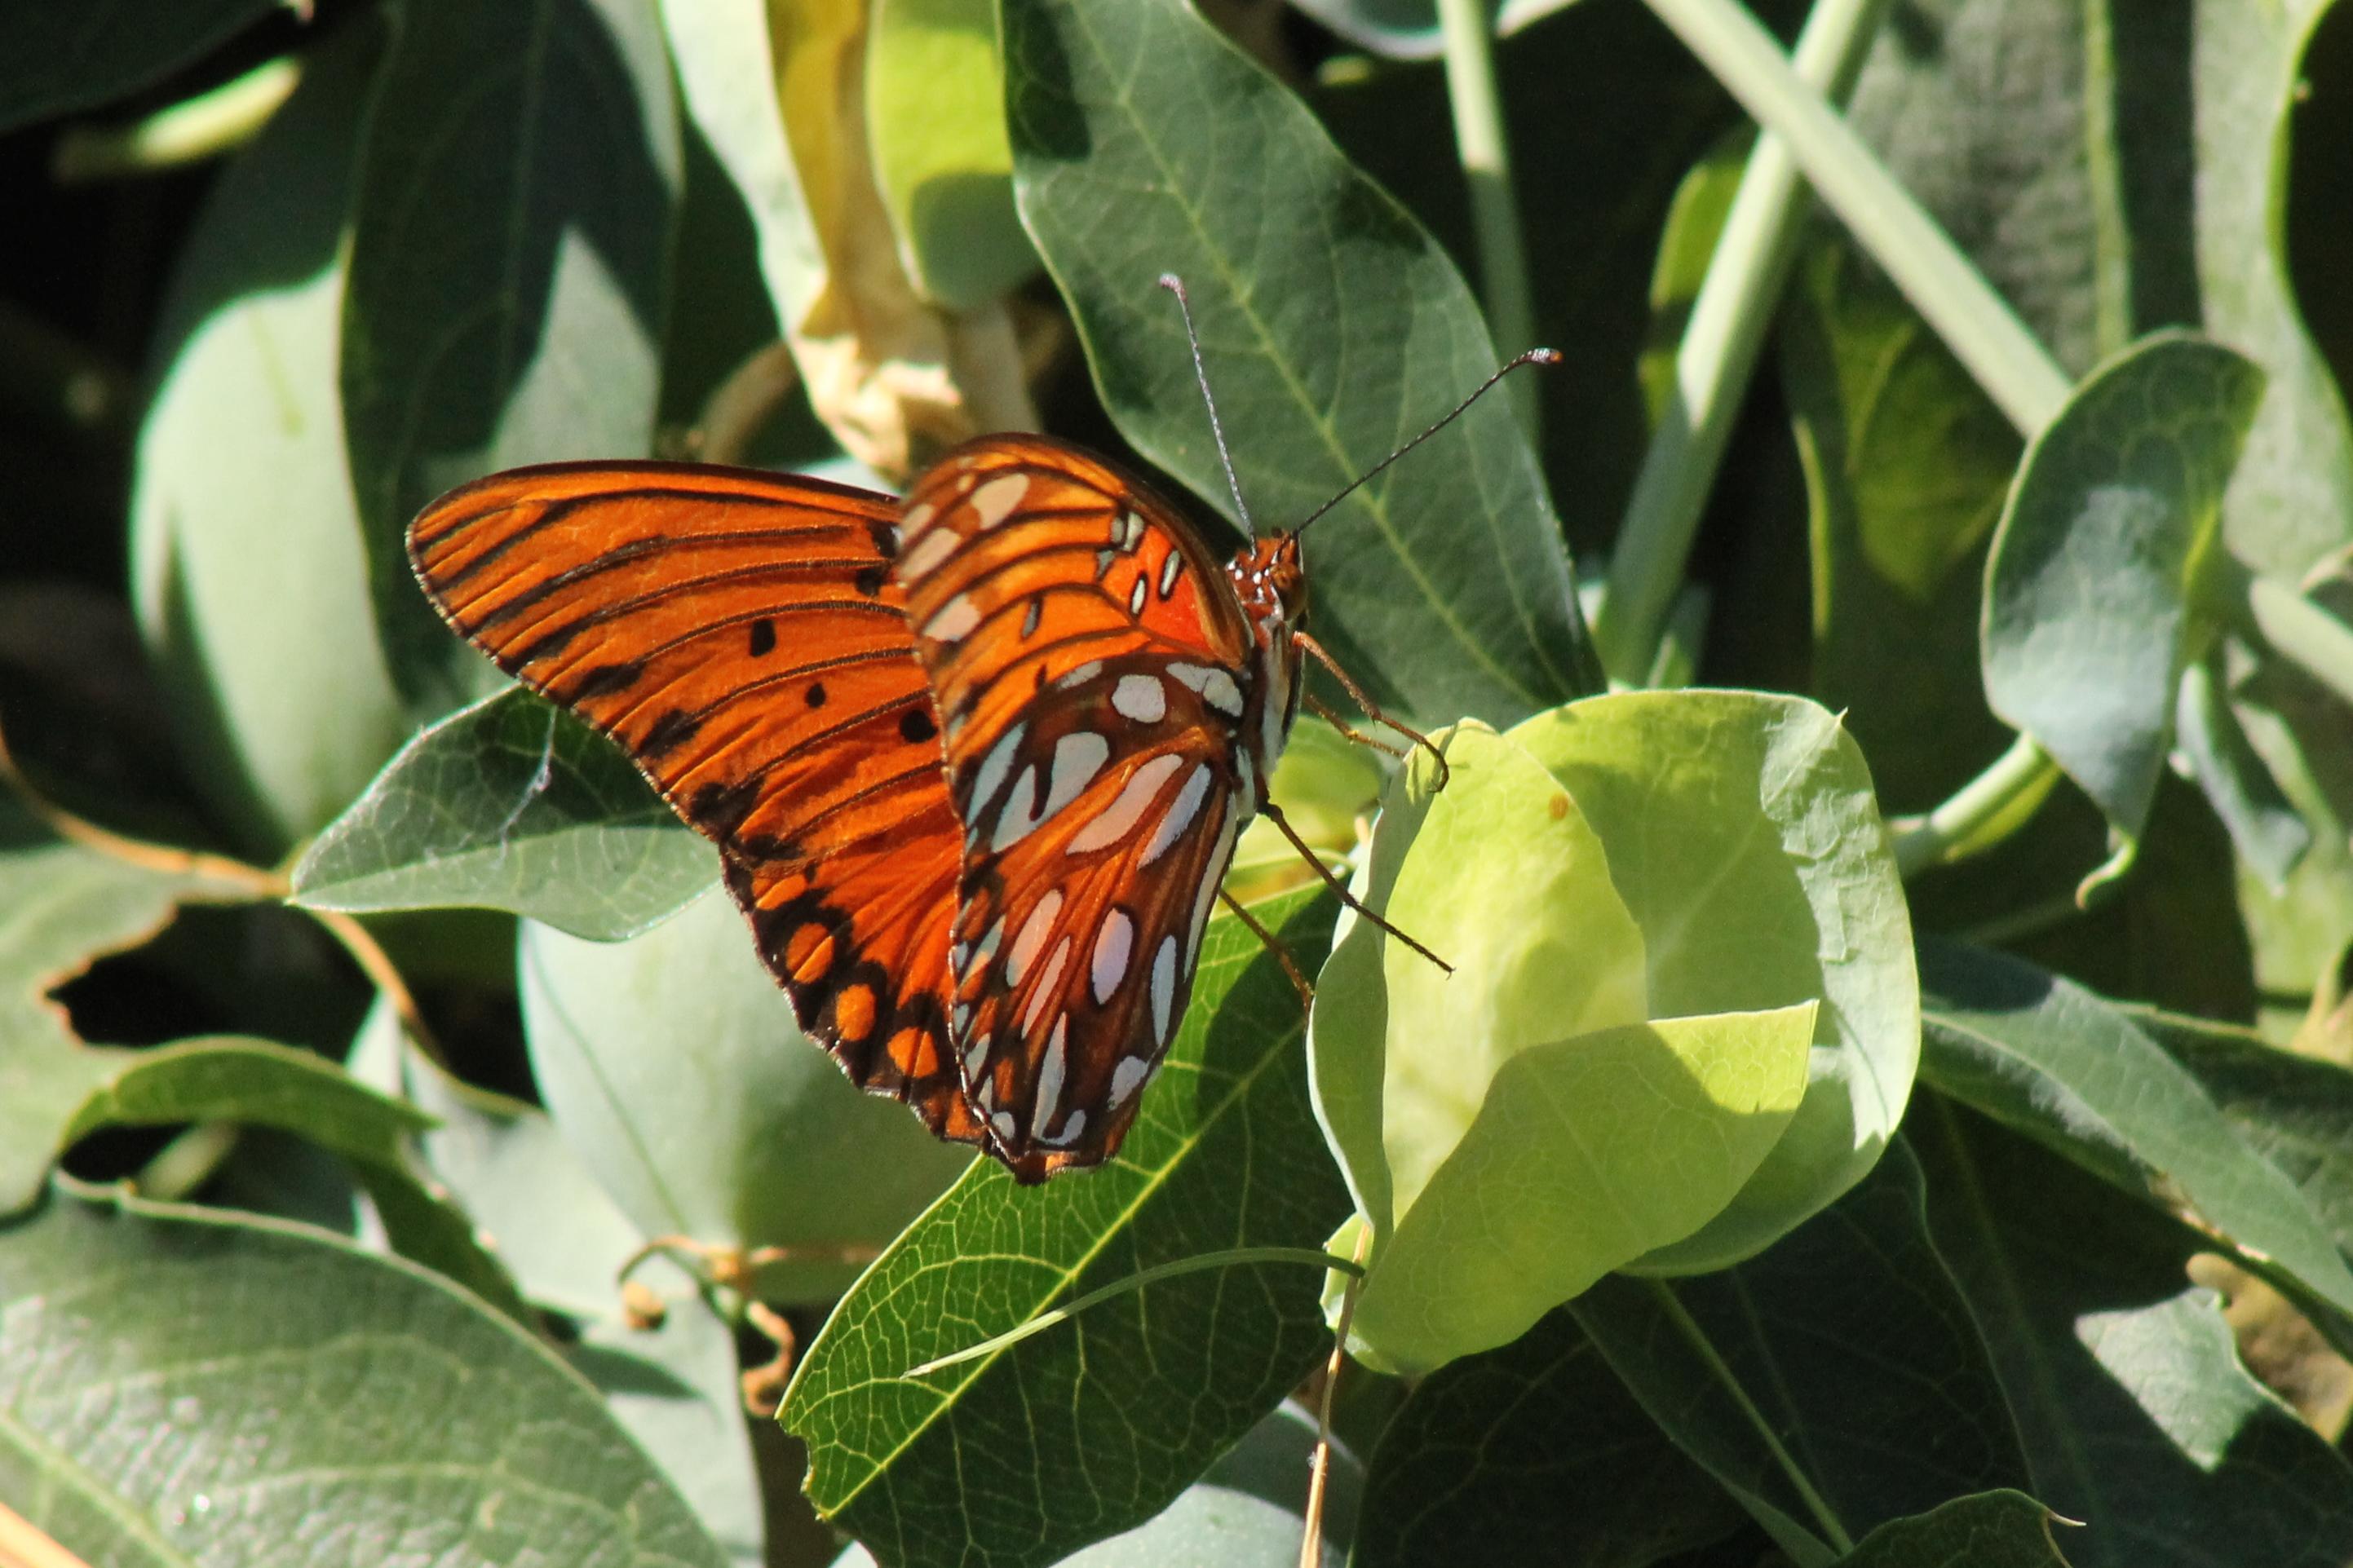 Cultivo de la fruta de la pasión: Es fácil si puedes vencer a los insectos | L.A. en el hogar | Los Angeles Times